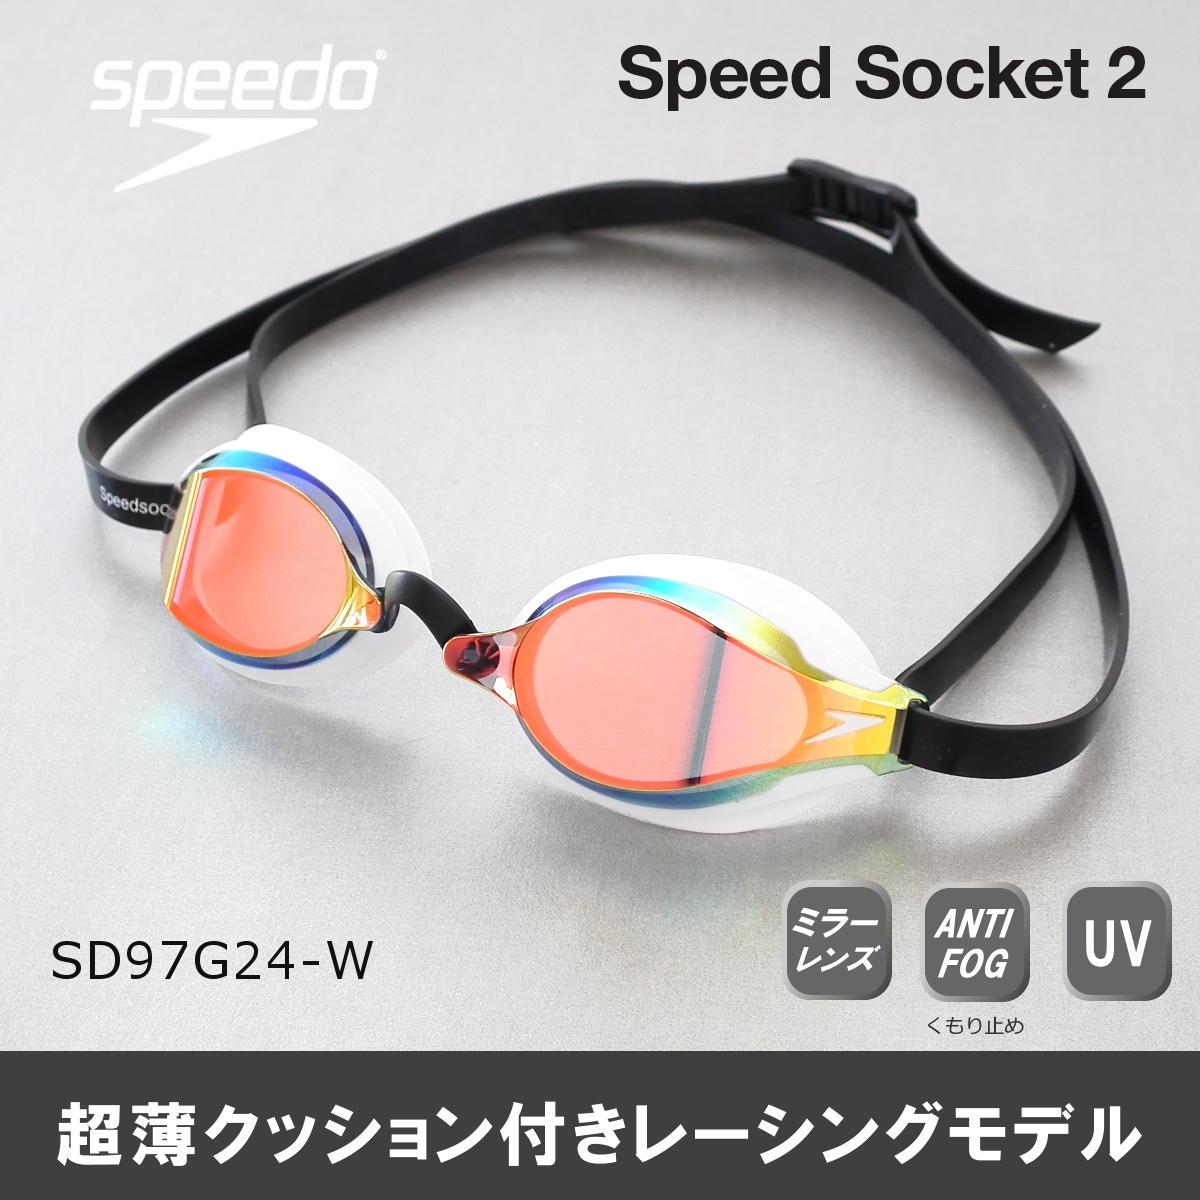 【スイムゴーグル】SPEEDO スピード クッション付き スイミングゴーグル ミラータイプ fina承認 Speed Socket 2(スピードソケット2) 水泳 SD97G24-W